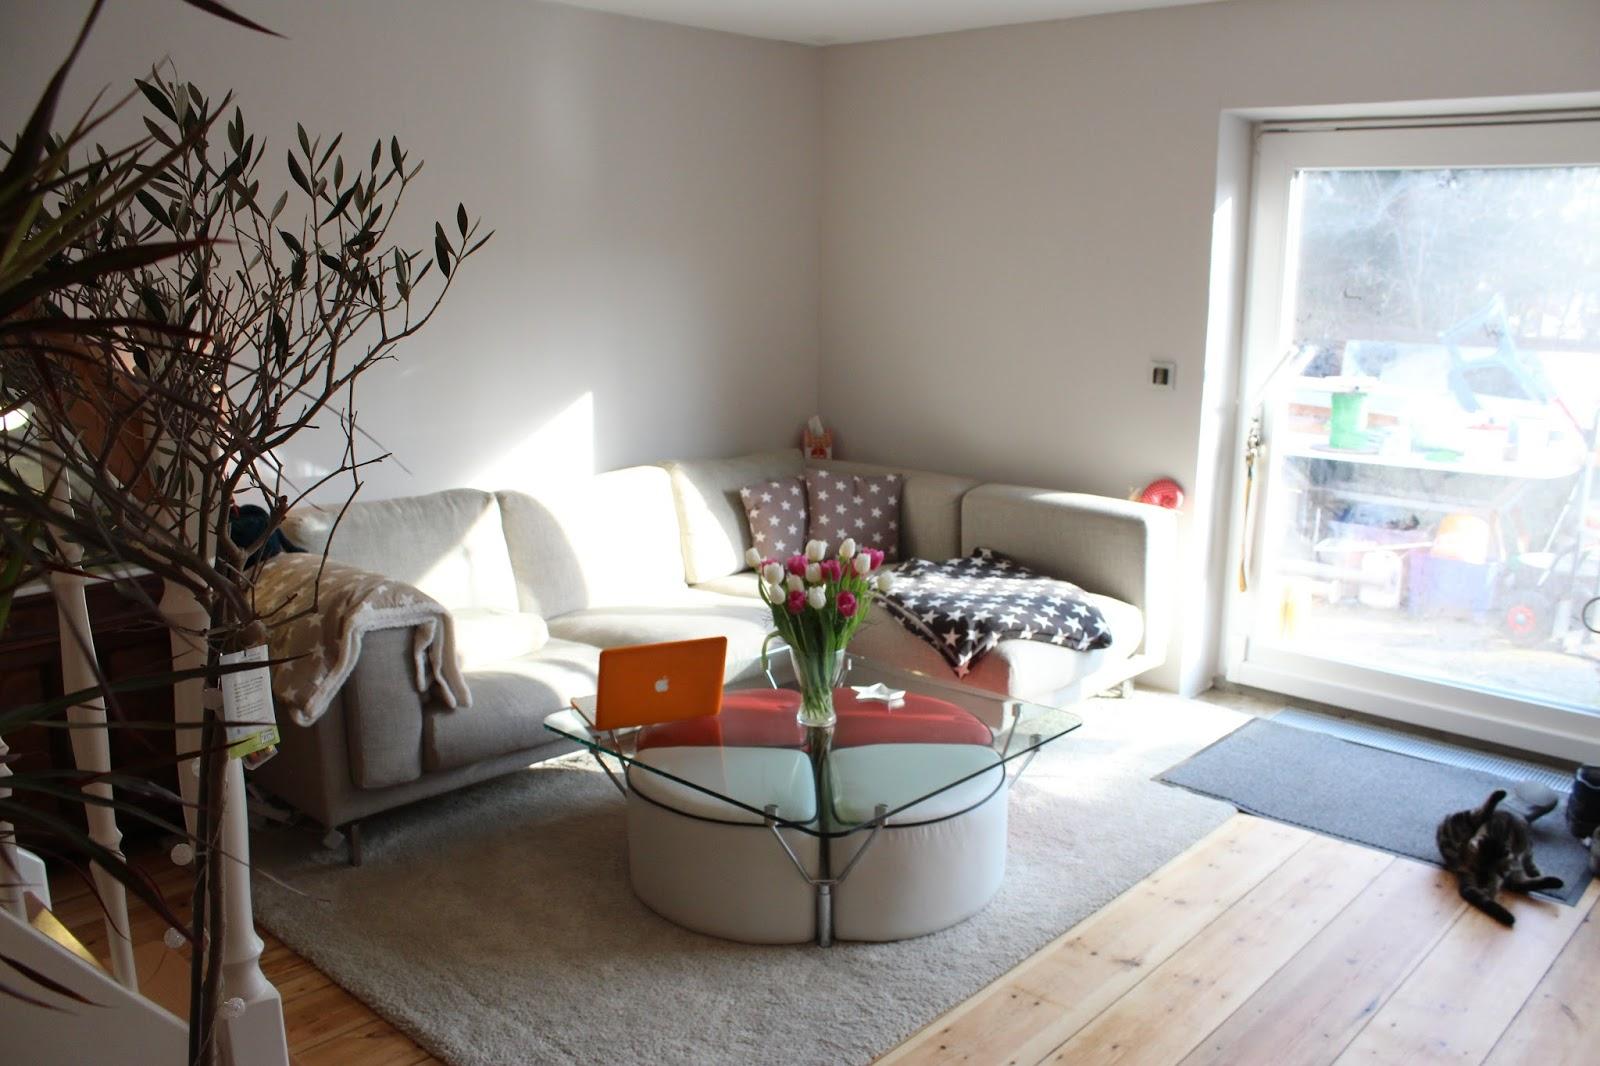 Sofa Vor Fenster rundgang wohnzimmer und küche hausbau